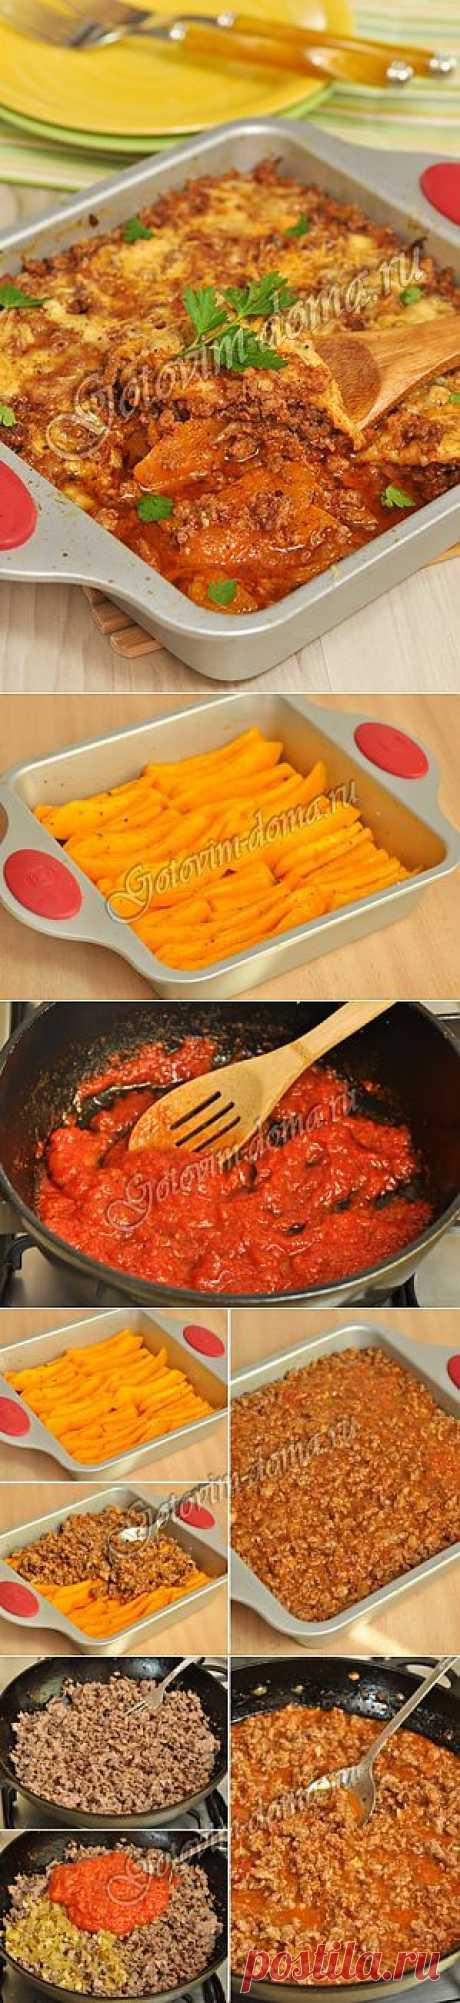 Рецепт: Ломтики тыквы, запеченные с мясным фаршем и томатами